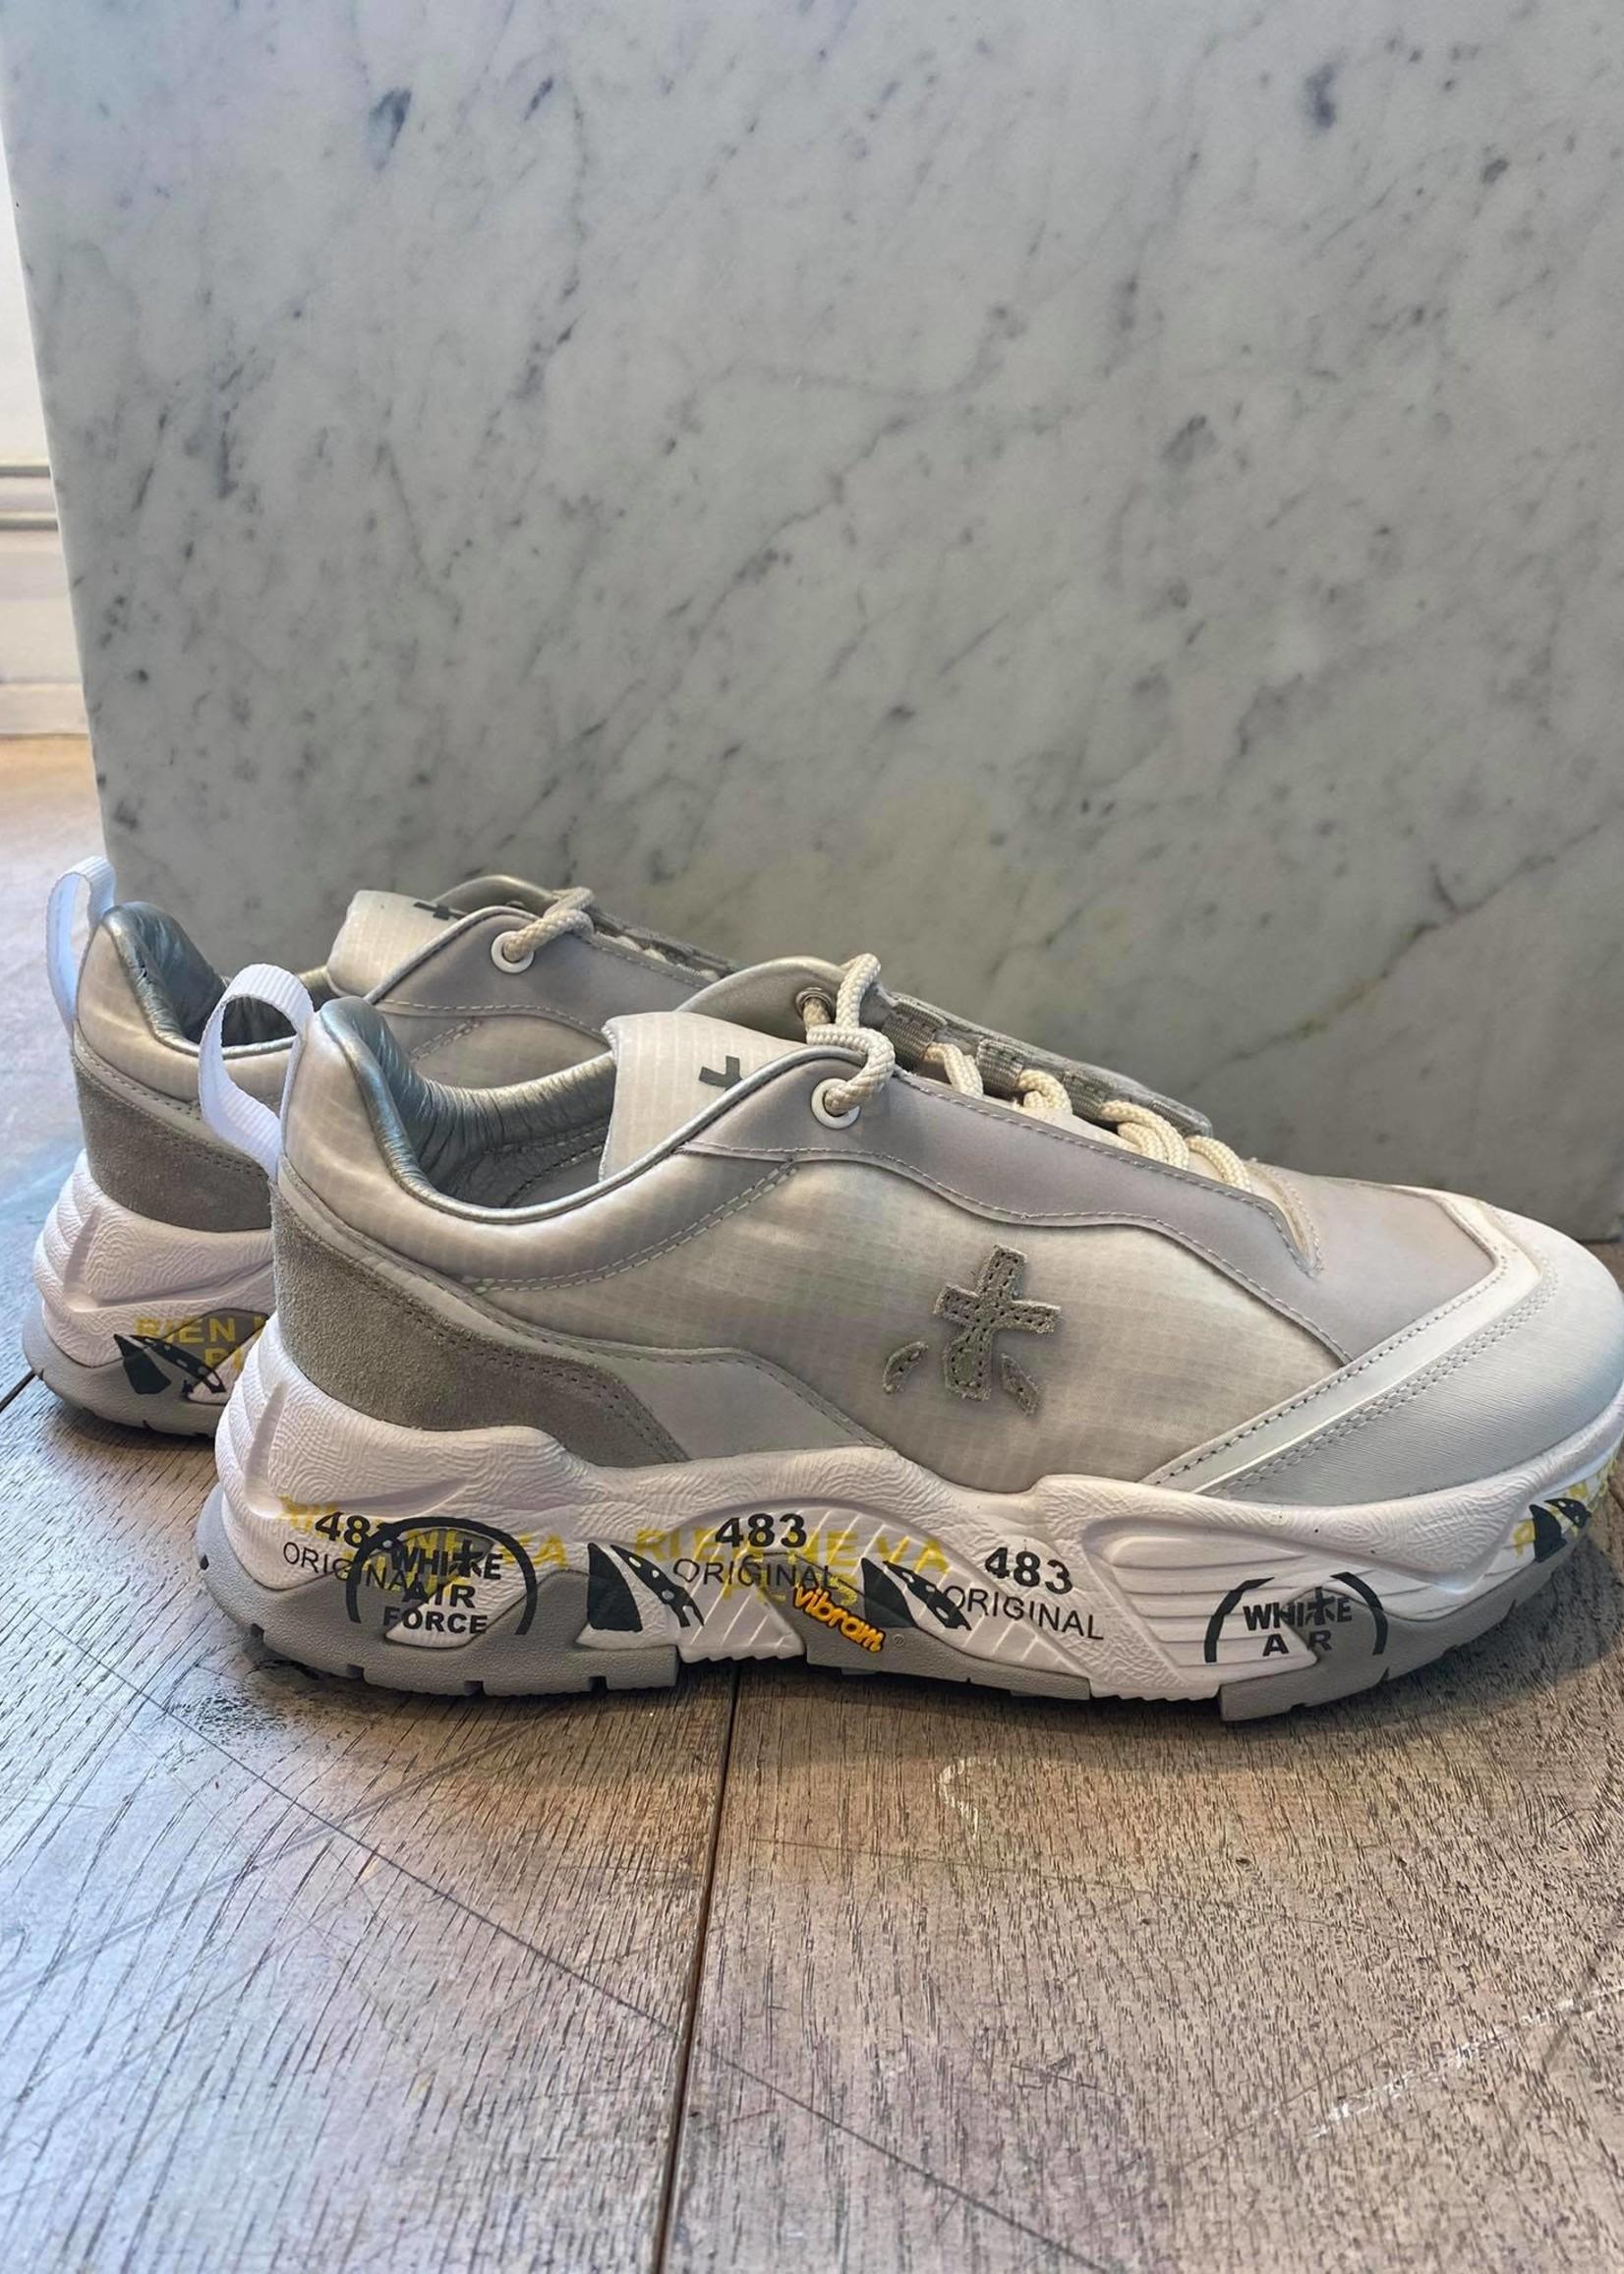 premiata premiata sneaker roytrackd off white